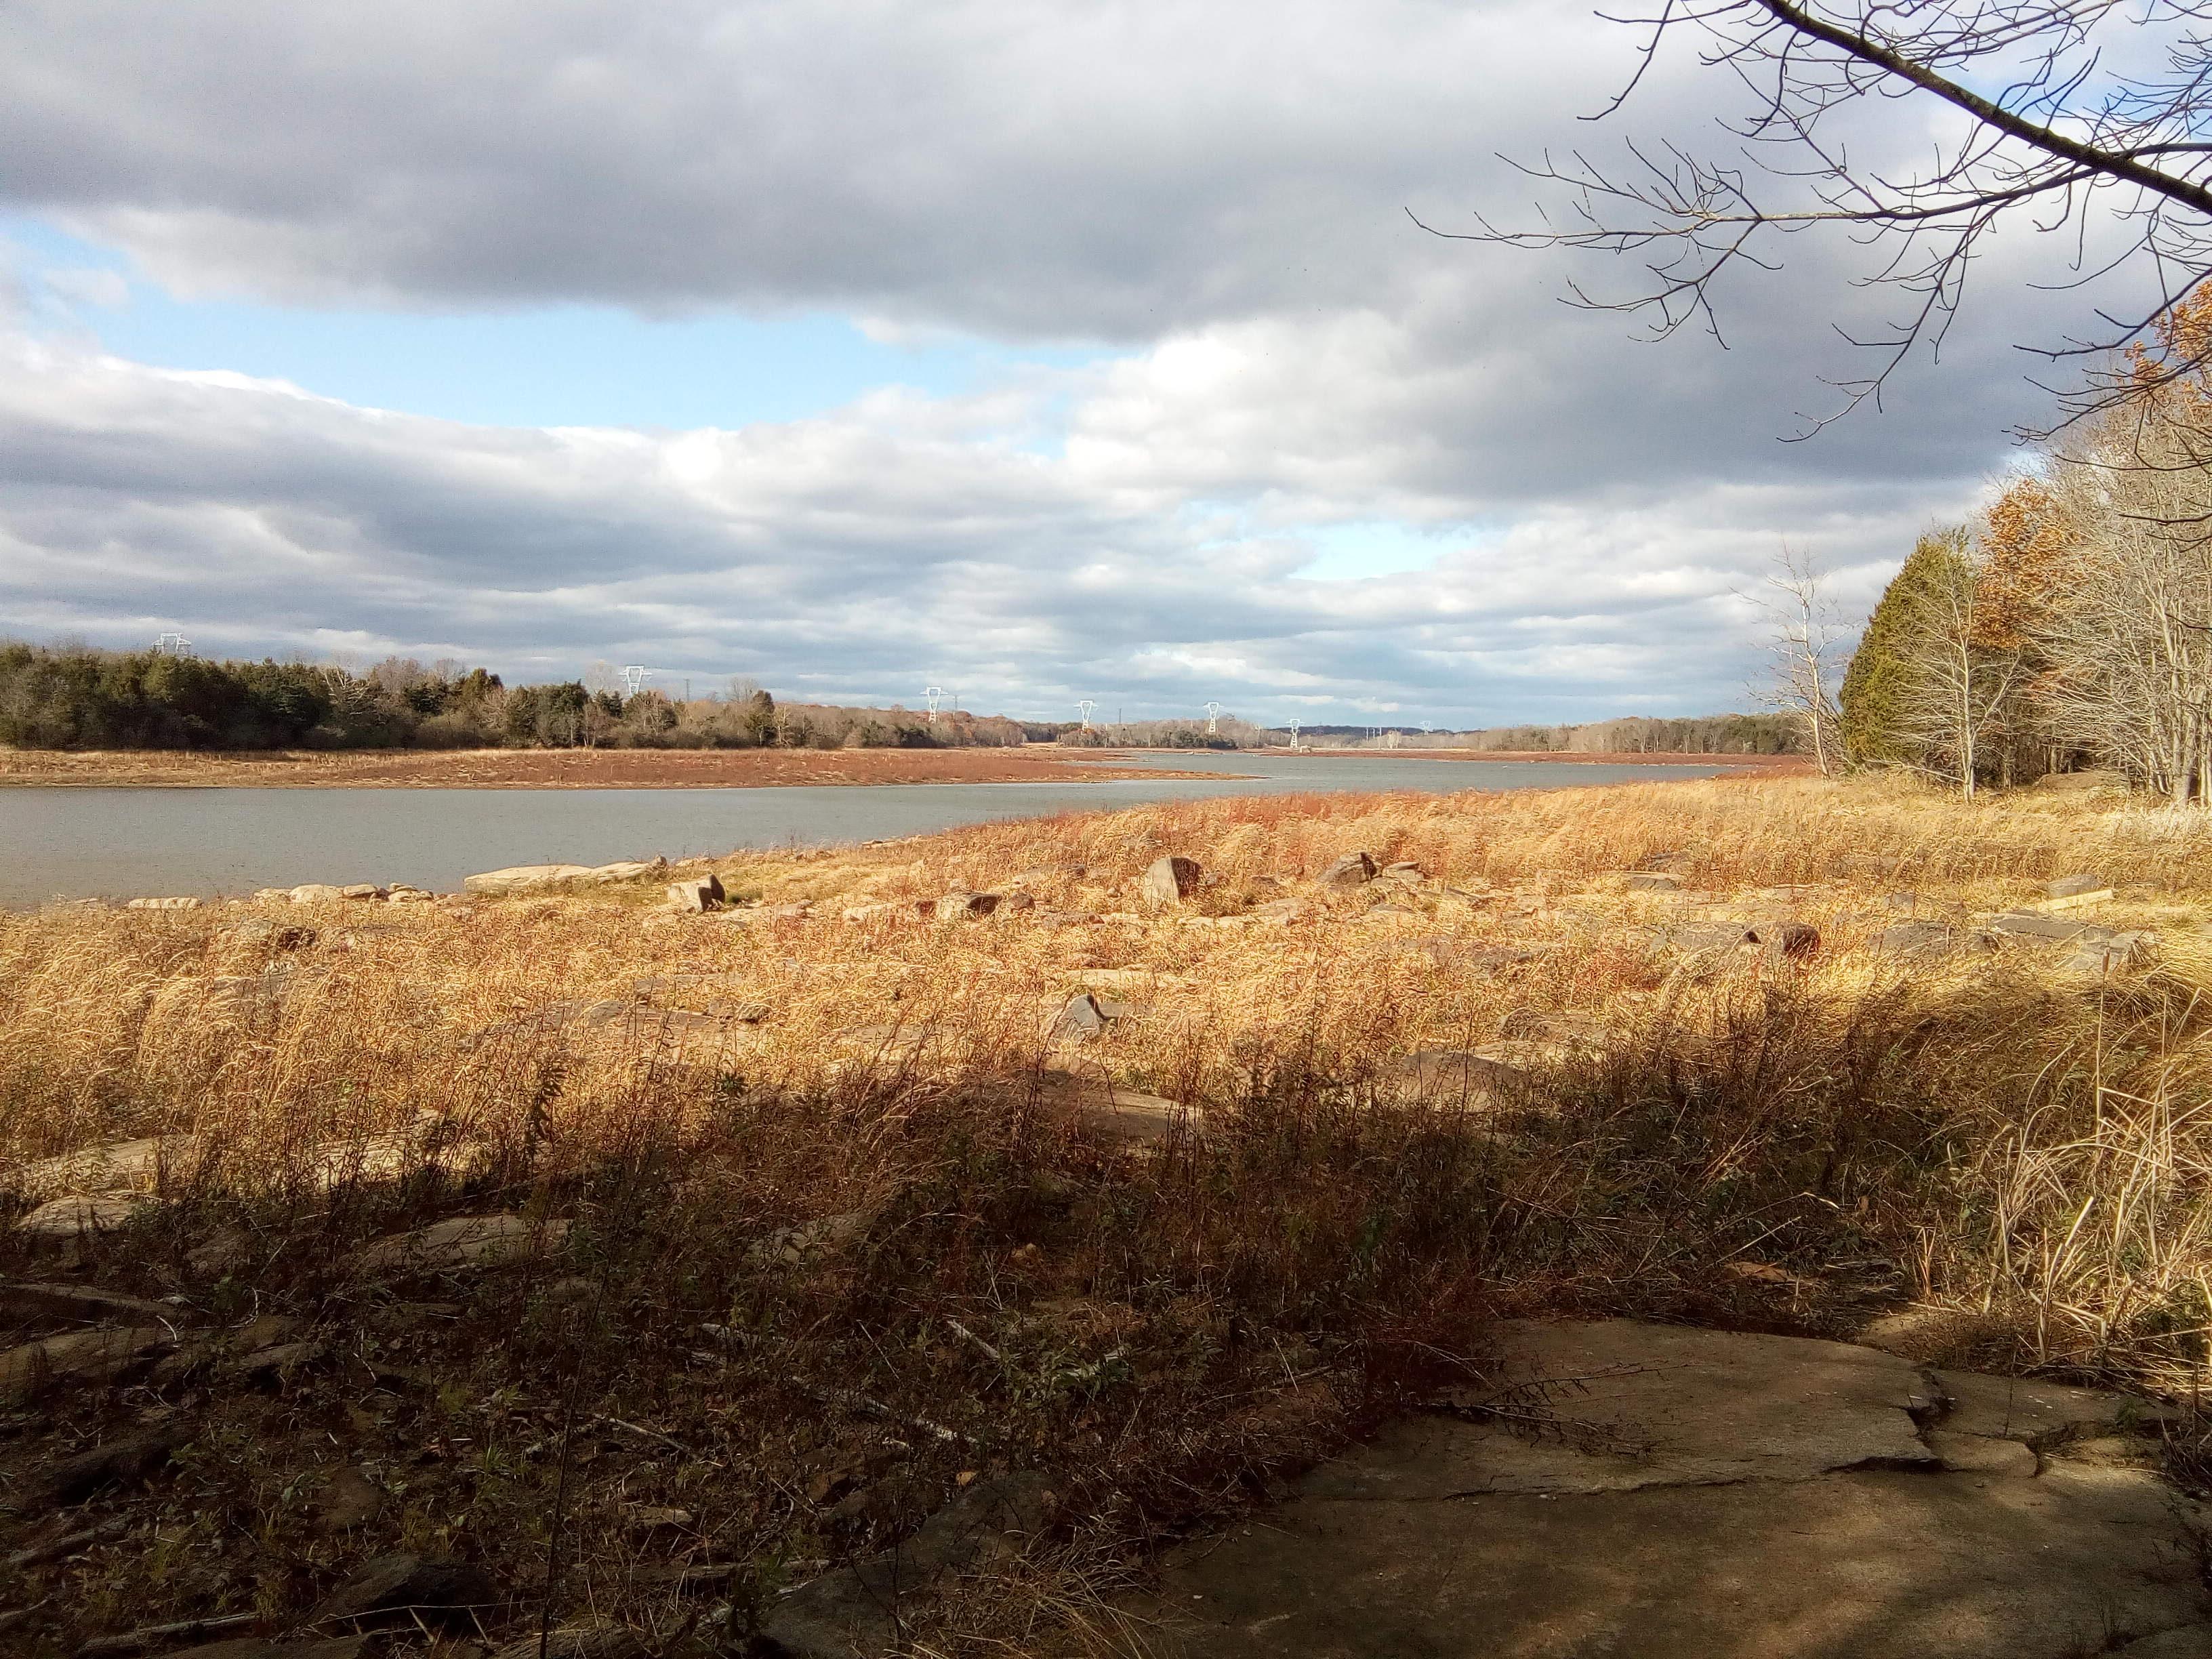 Beaverdam Creek Reservoir | News and Info about the Reservoir